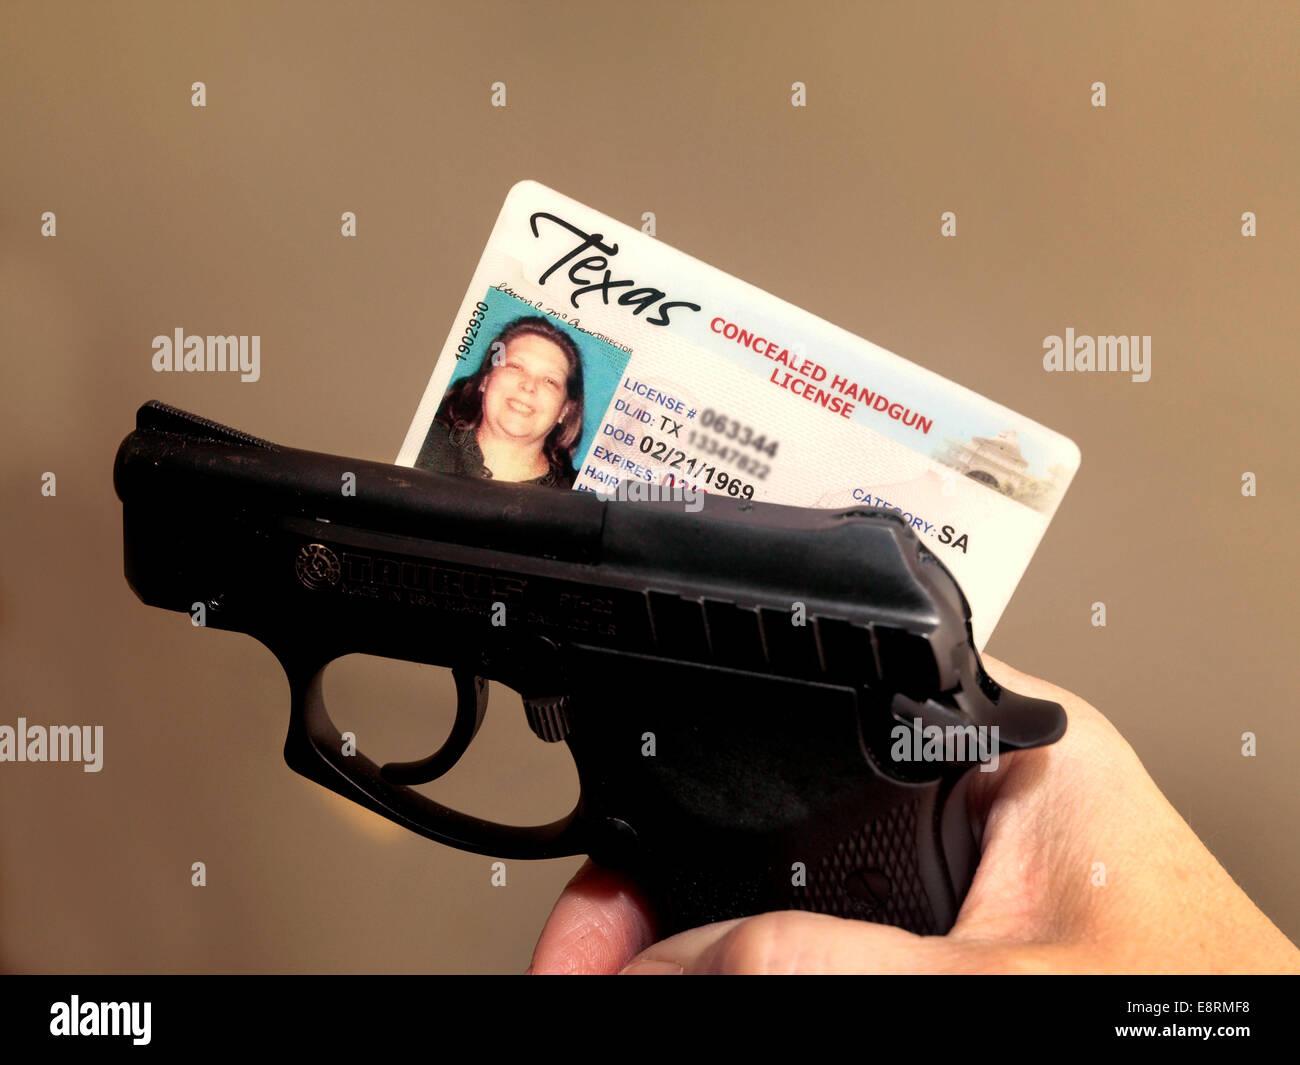 Frau in Texas hat eine Genehmigung für verdeckte Pistole, aber die Polizei immer noch ihre Hand Waffe beschlagnahmt.. Stockbild